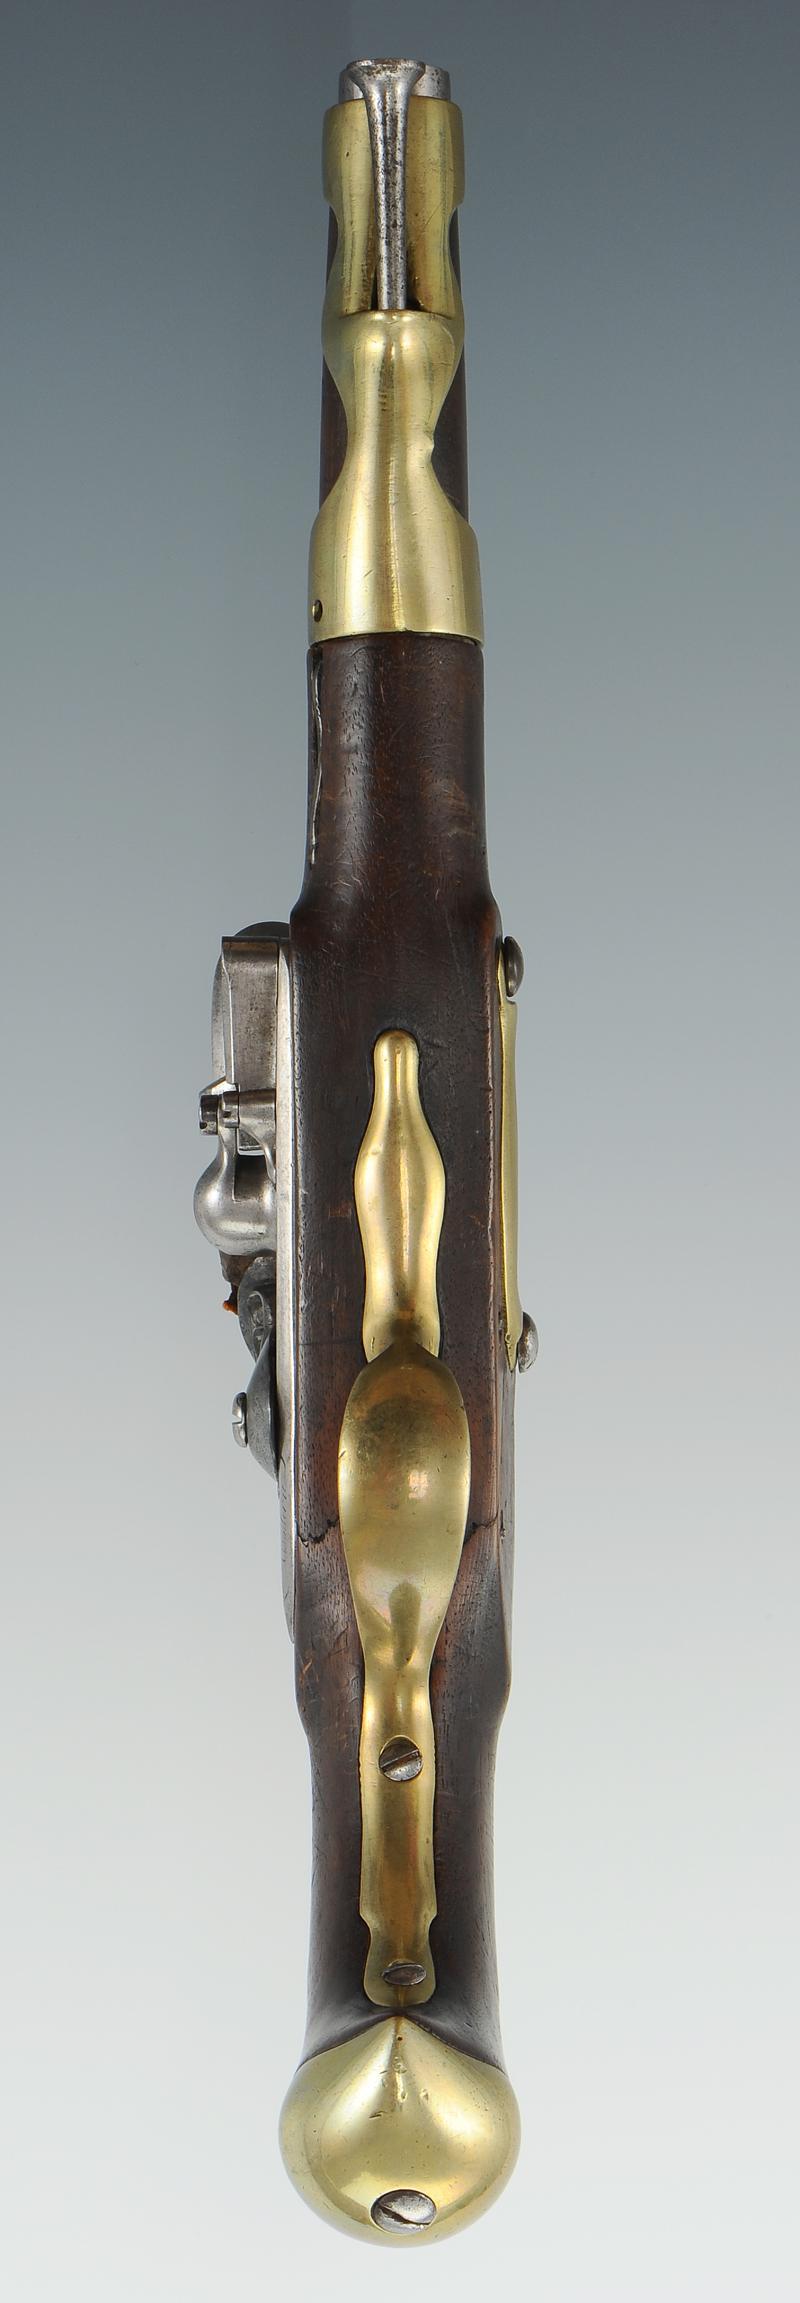 Pistolet d 39 ar on de cavalerie mod le 1763 1766 deuxi me type fabricatio - La manufacture saint etienne ...